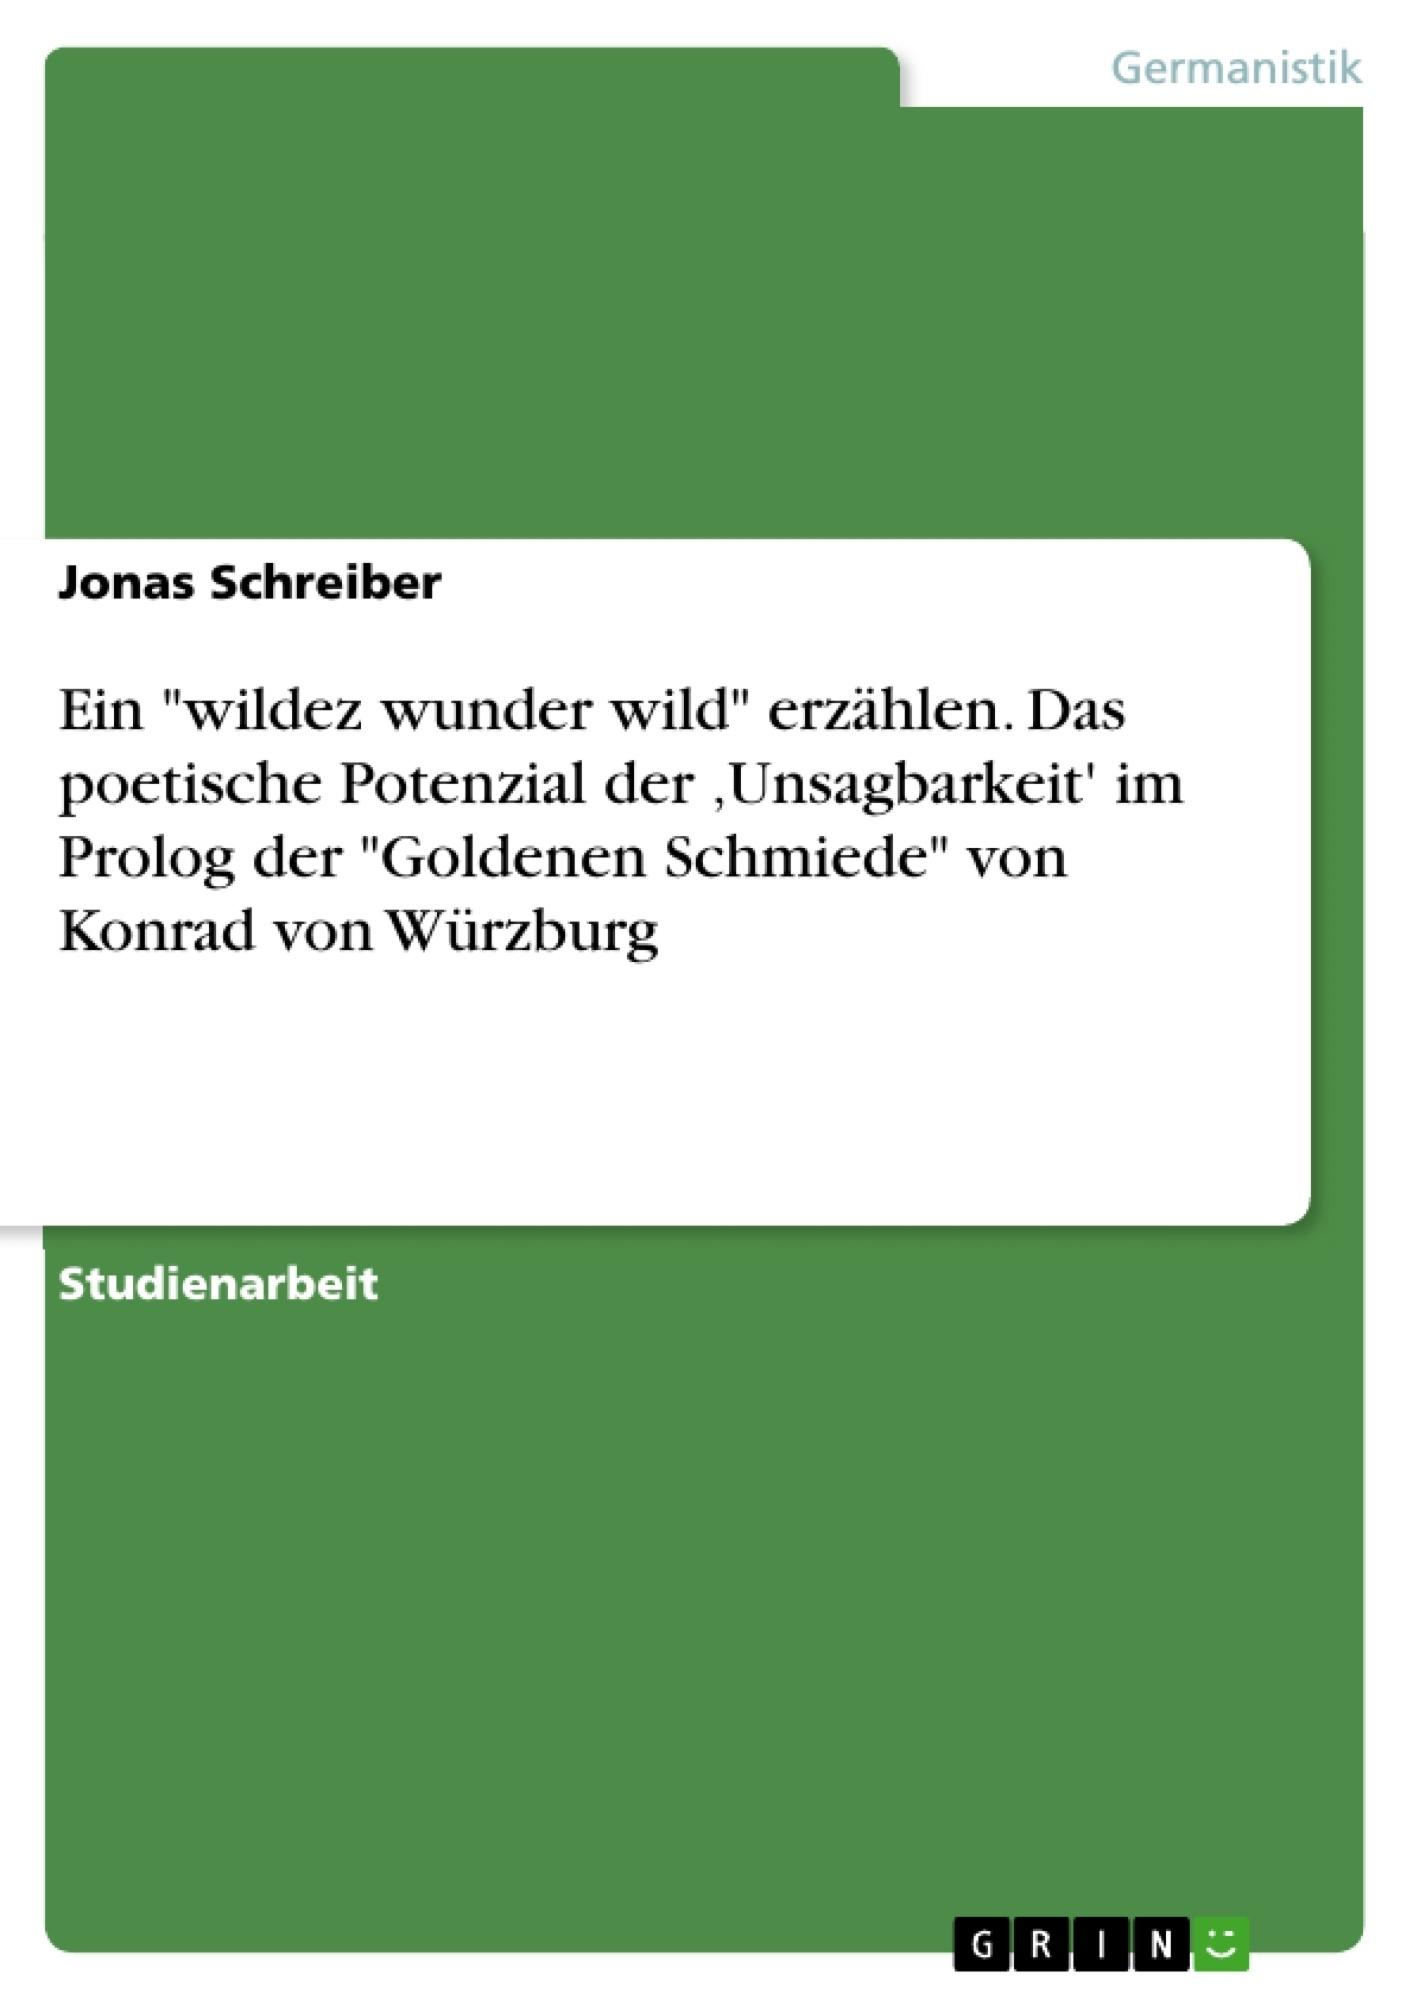 """Titel: Ein """"wildez wunder wild"""" erzählen. Das poetische Potenzial der 'Unsagbarkeit' im Prolog der """"Goldenen Schmiede"""" von Konrad von Würzburg"""